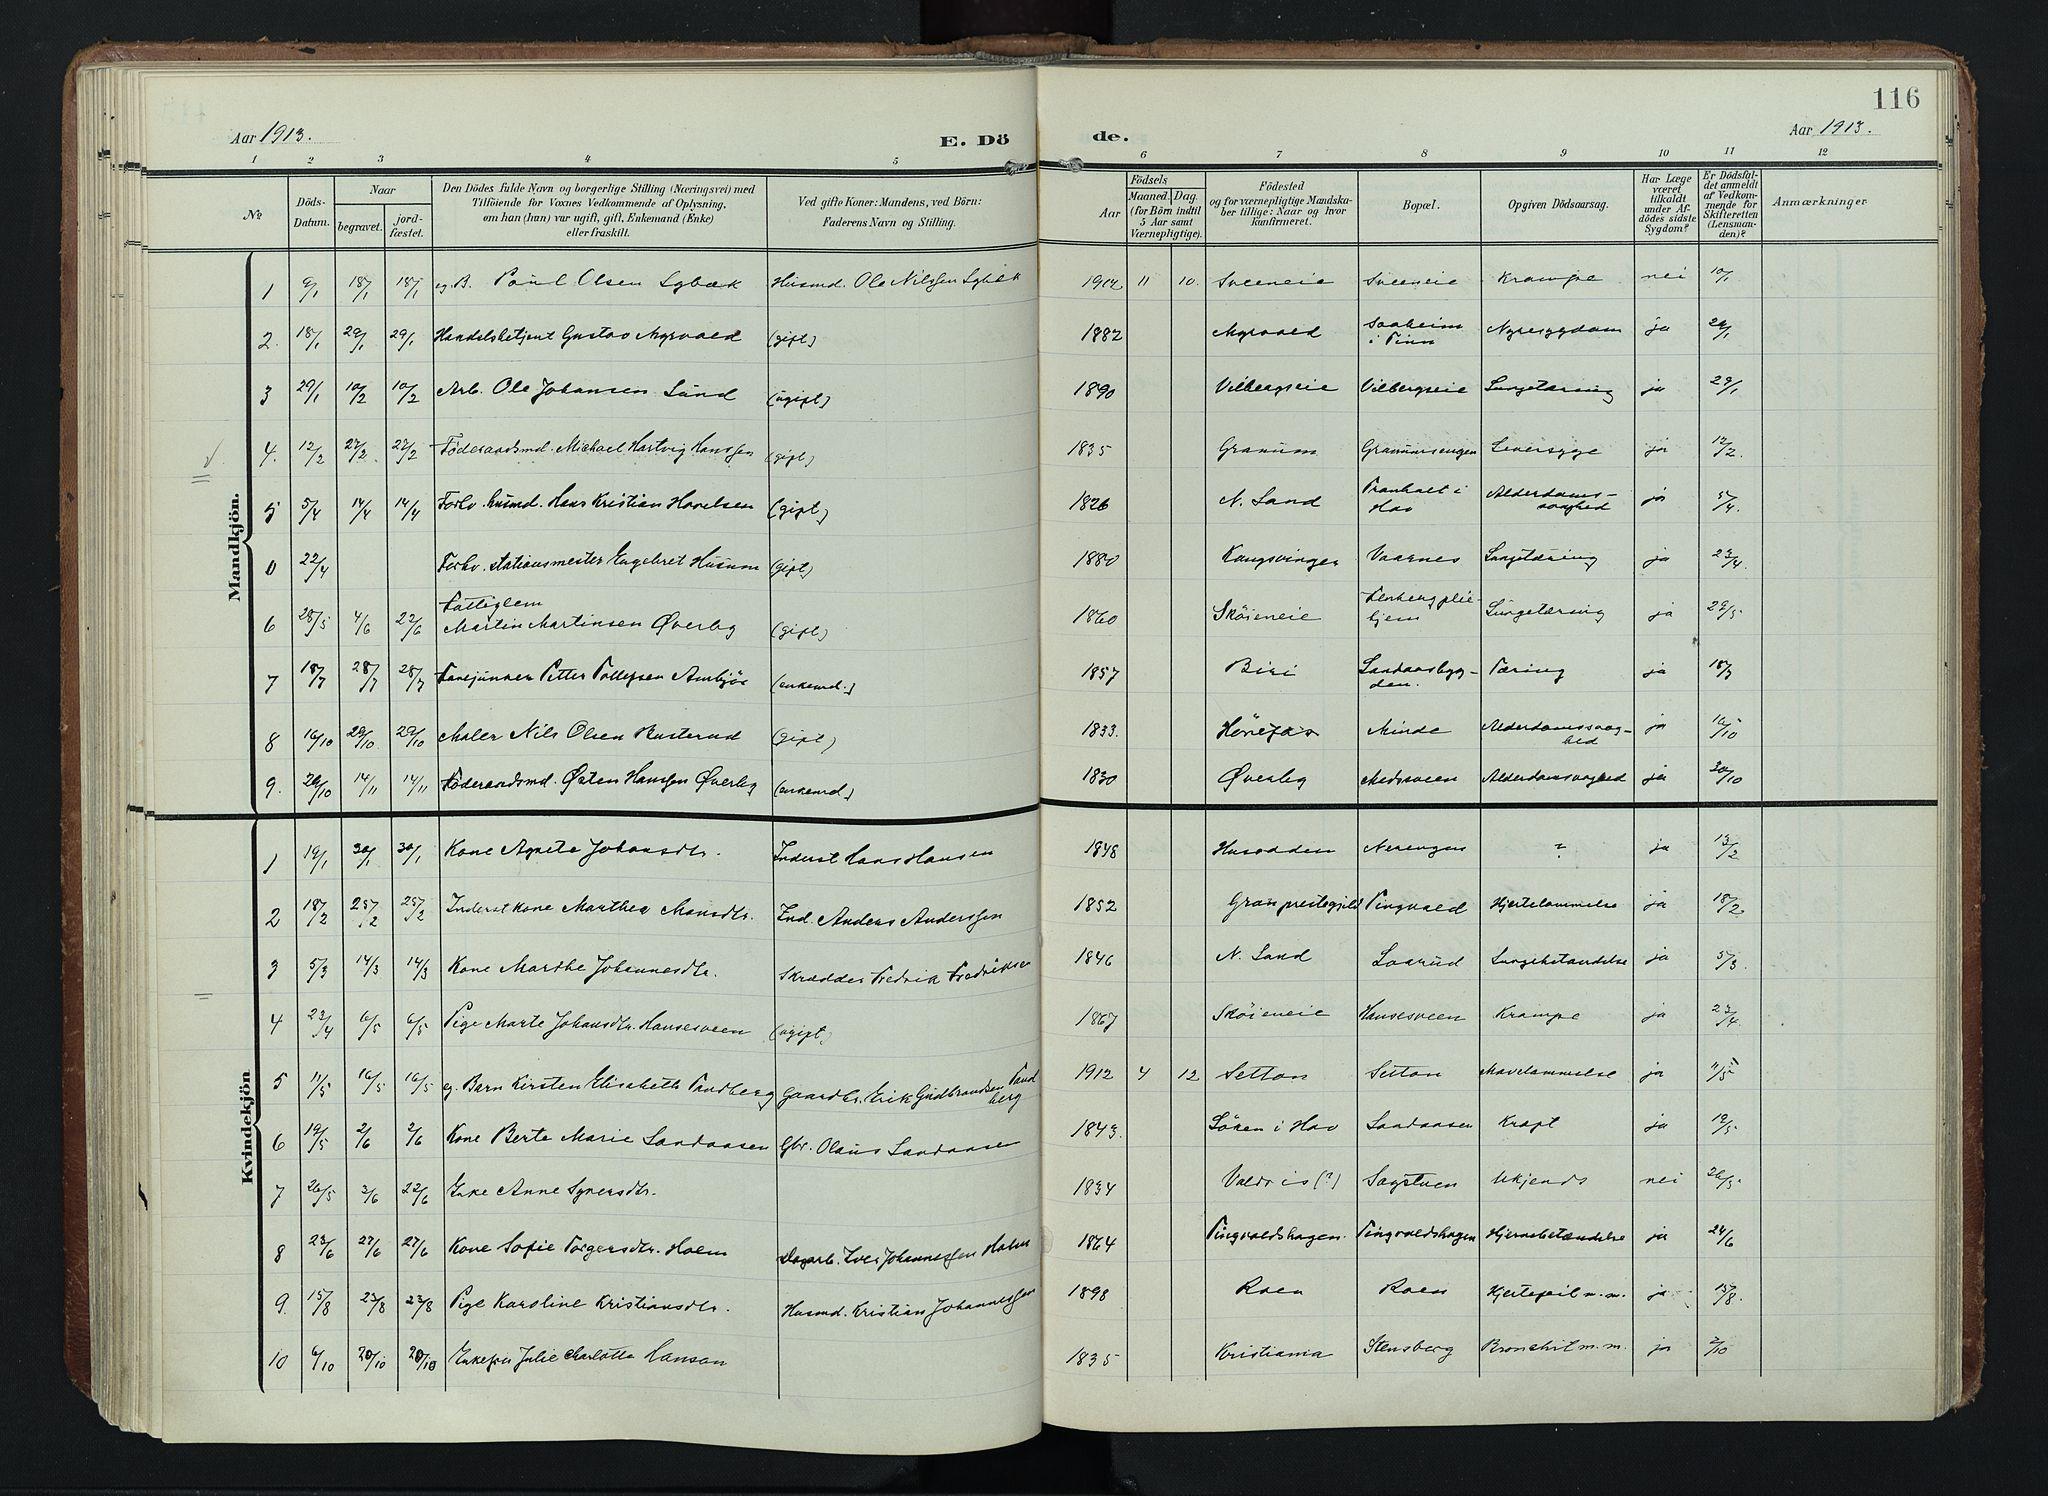 SAH, Søndre Land prestekontor, K/L0005: Ministerialbok nr. 5, 1905-1914, s. 116